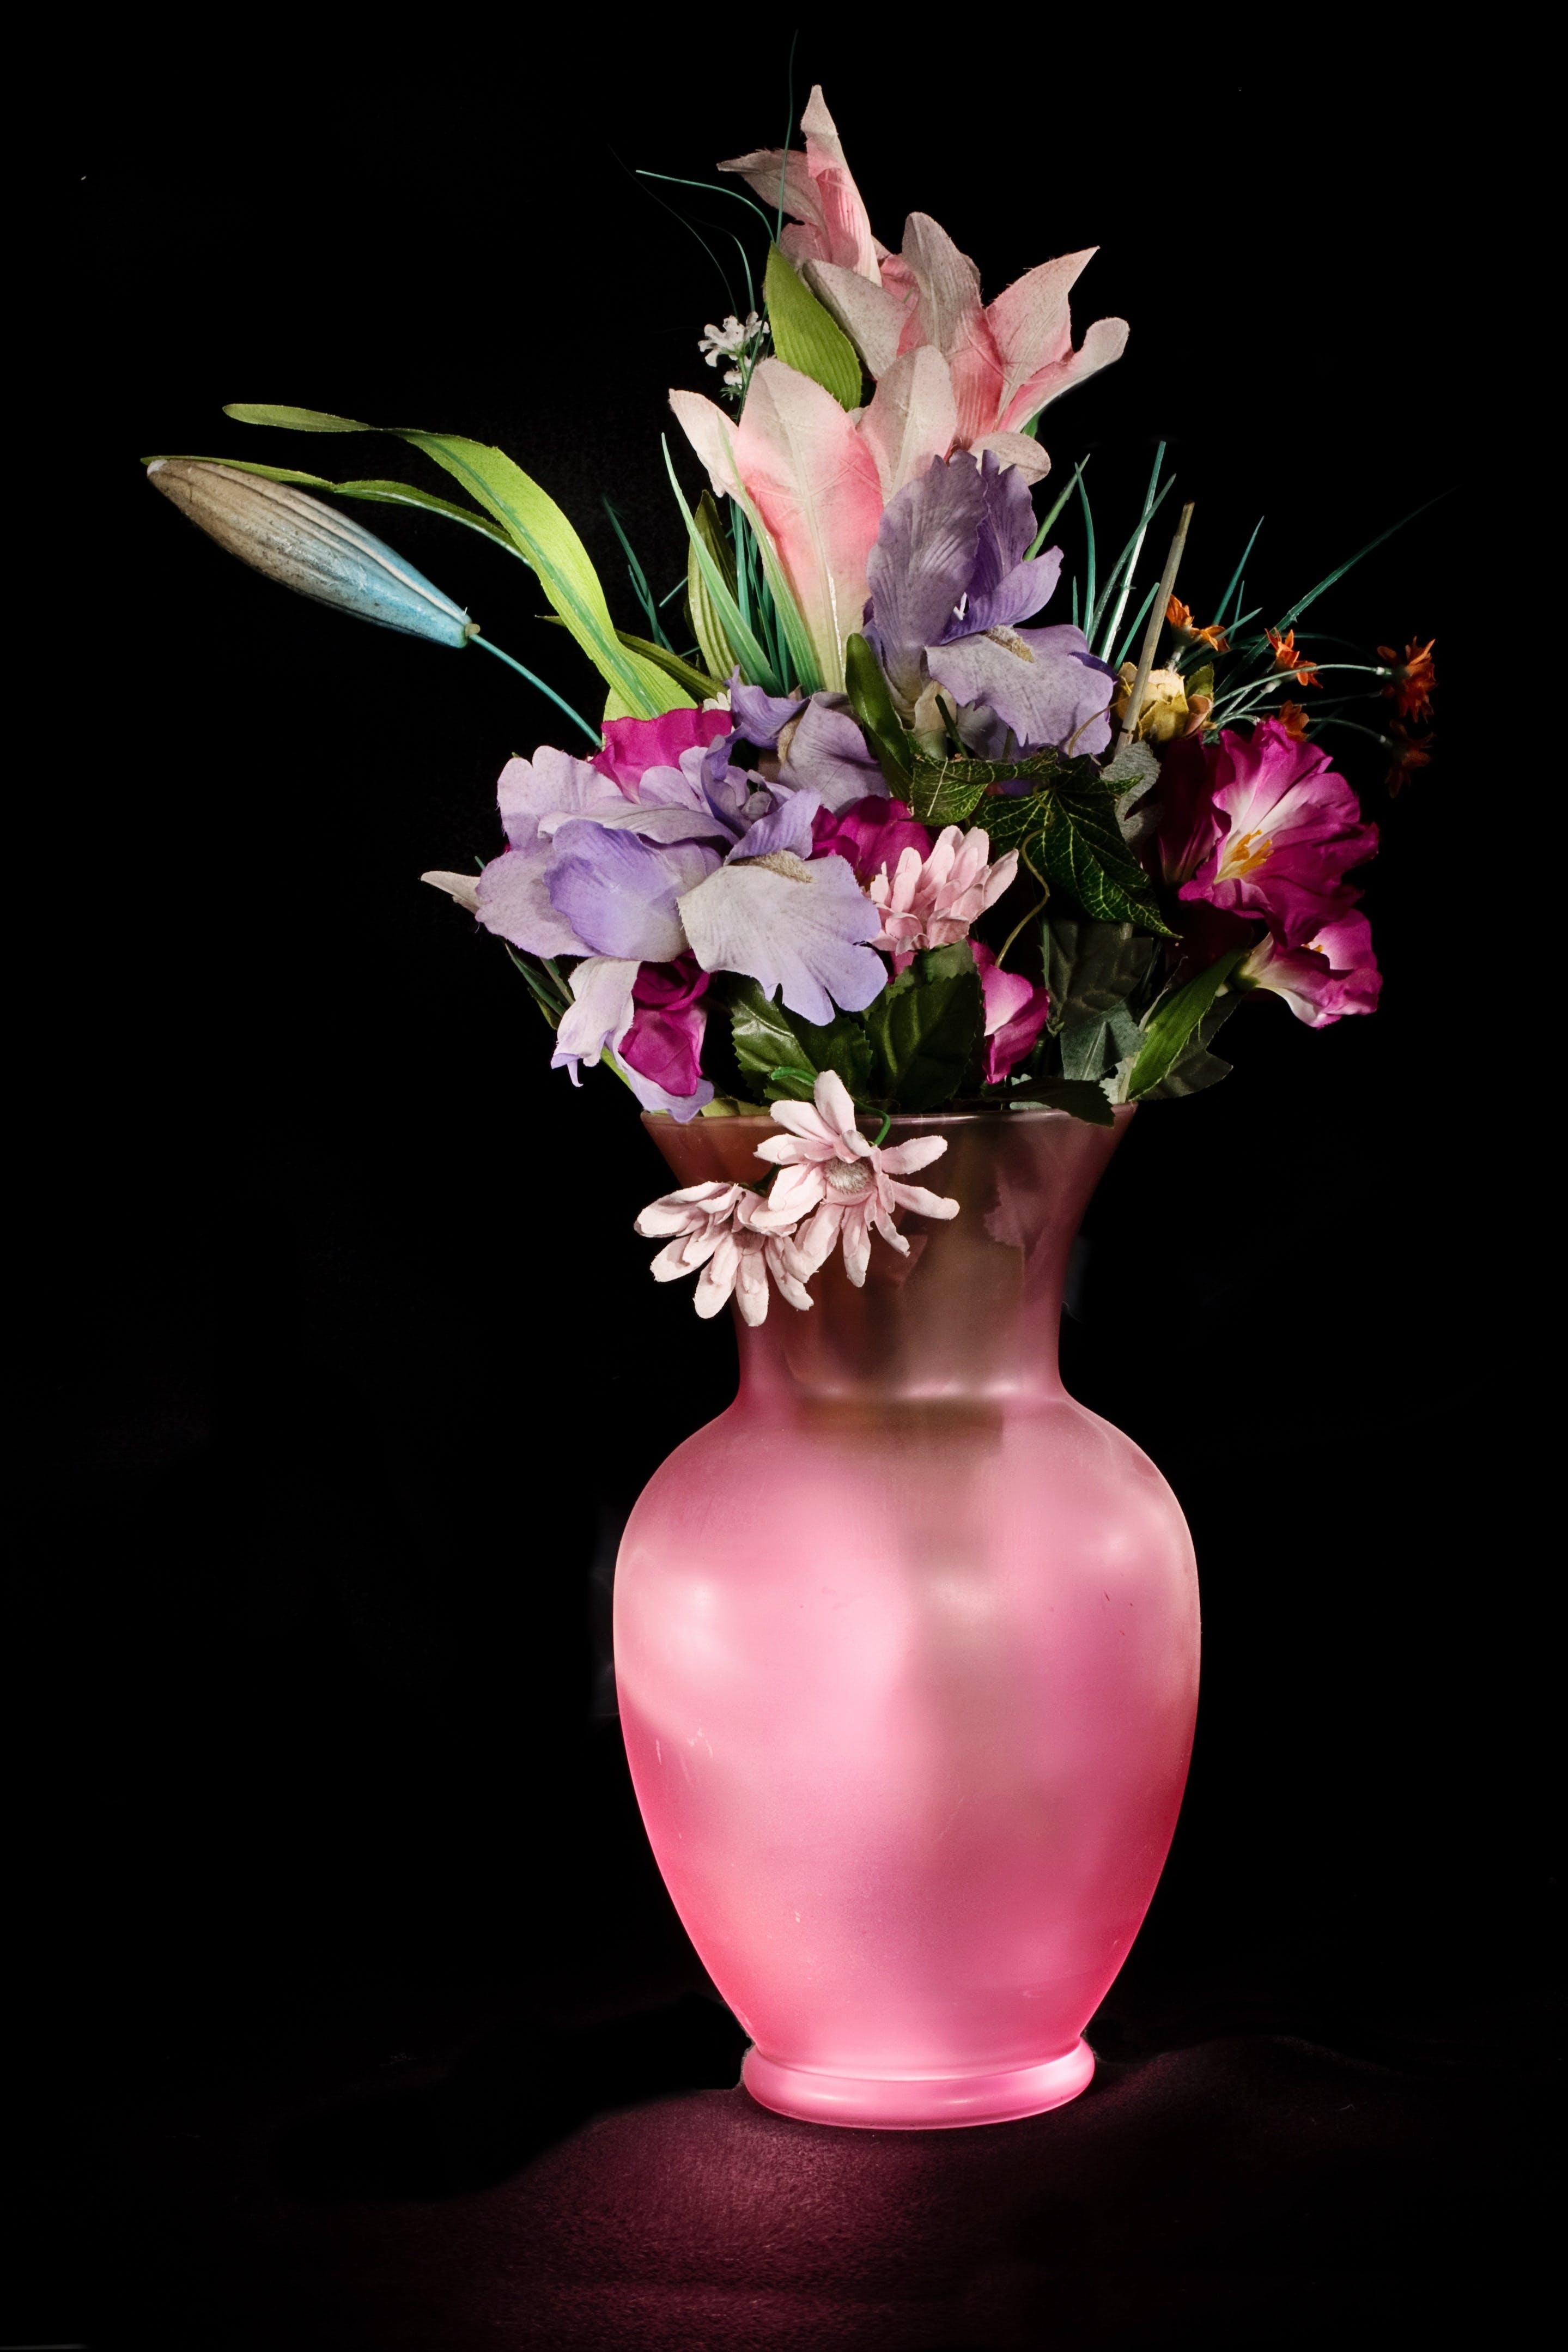 Základová fotografie zdarma na téma aranžování květin, krásné květiny, kvést, květ